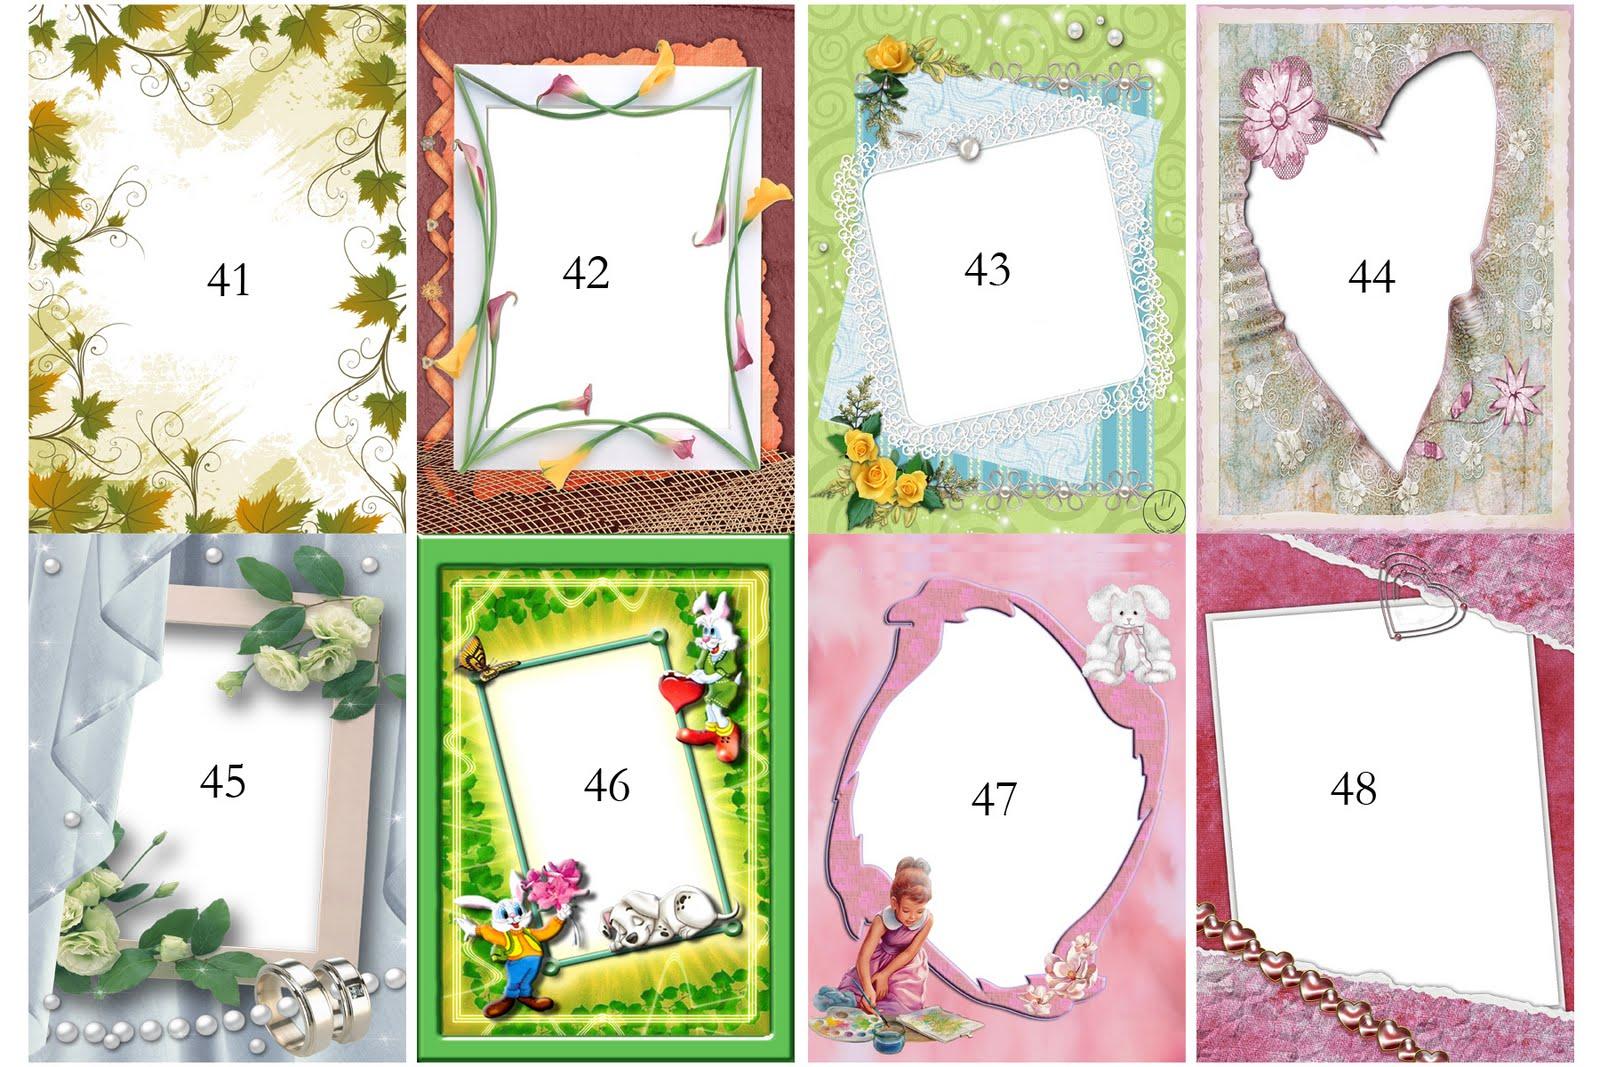 http://4.bp.blogspot.com/_RphxnciltFY/TCM8MY8NEiI/AAAAAAAAABg/cbMLnz3WAMg/s1600/Frame%2BBee-6.jpg